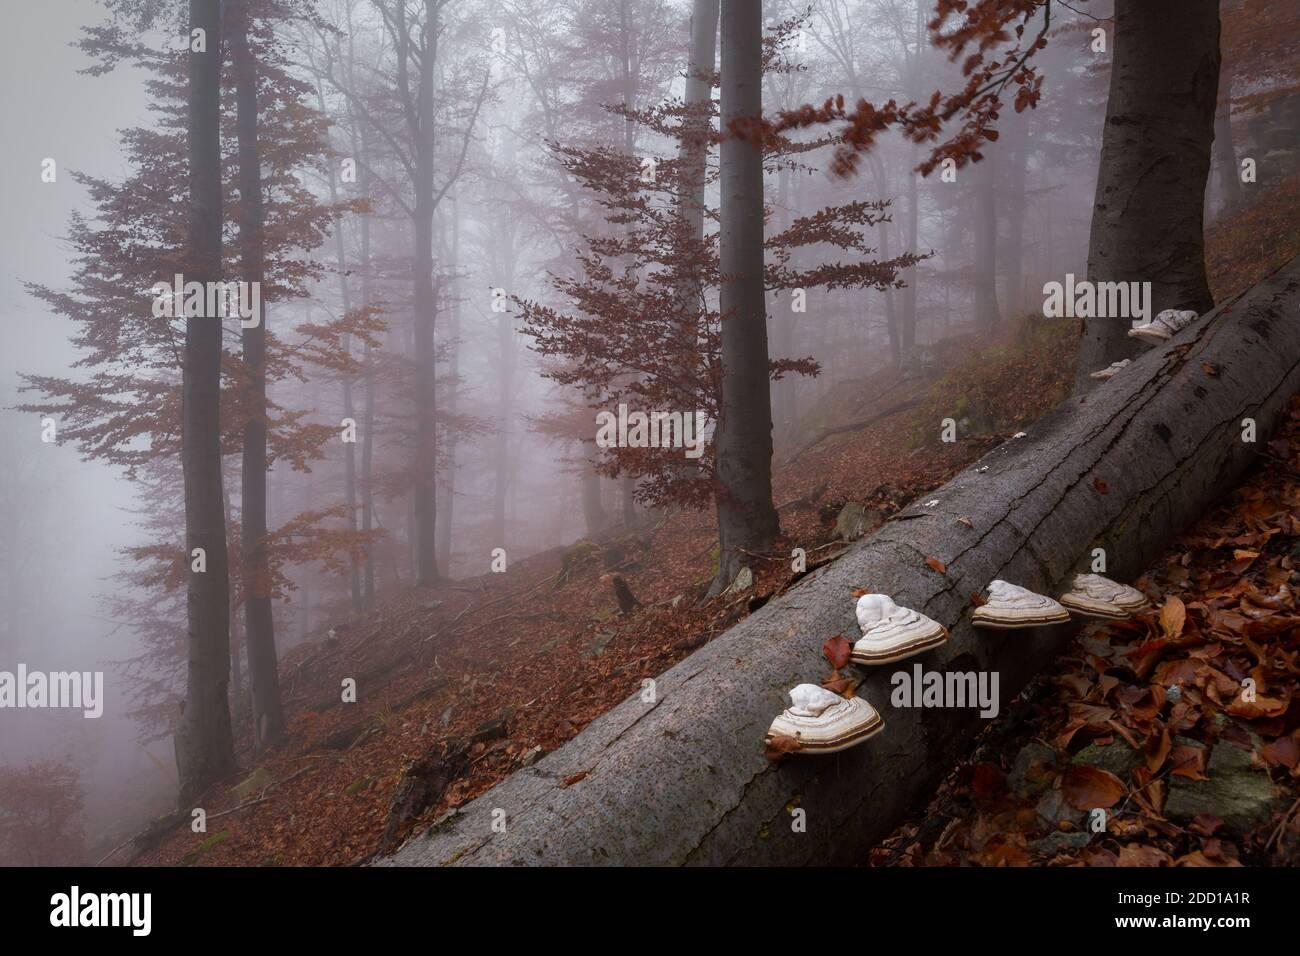 Herbstlicher Buchenwald im Mala Fatra Nationalpark an einem nebligen Tag, Slowakei. Stockfoto